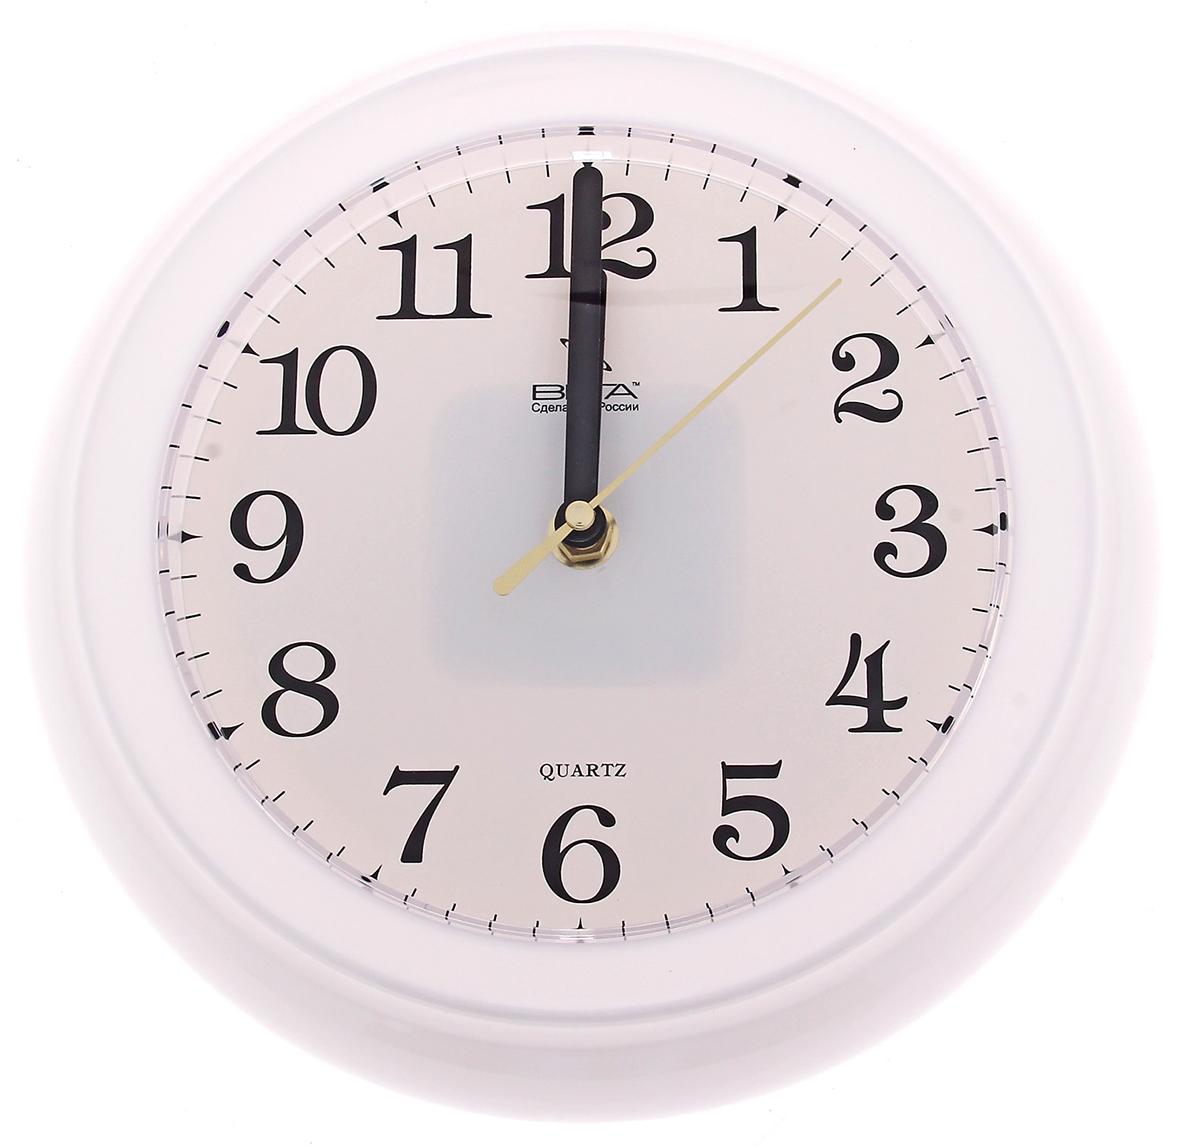 Часы настенные Вега, цвет: белый. 796780796780Каждому хозяину периодически приходит мысль обновить свою квартиру, сделать ремонт, перестановку или кардинально поменять внешний вид каждой комнаты. Часы настенные круглые Тайминг, d=22,5 см, белые — привлекательная деталь, которая поможет воплотить вашу интерьерную идею, создать неповторимую атмосферу в вашем доме. Окружите себя приятными мелочами, пусть они радуют глаз и дарят гармонию. Часы настенные круглые Тайминг, d=22,5 см, белые — сувенир в полном смысле этого слова. И главная его задача — хранить воспоминание о месте, где вы побывали, или о том человеке, который подарил данный предмет. Преподнесите эту вещь своему другу, и она станет достойным украшением его дома.Часы настенные классические круглые, белые 796780